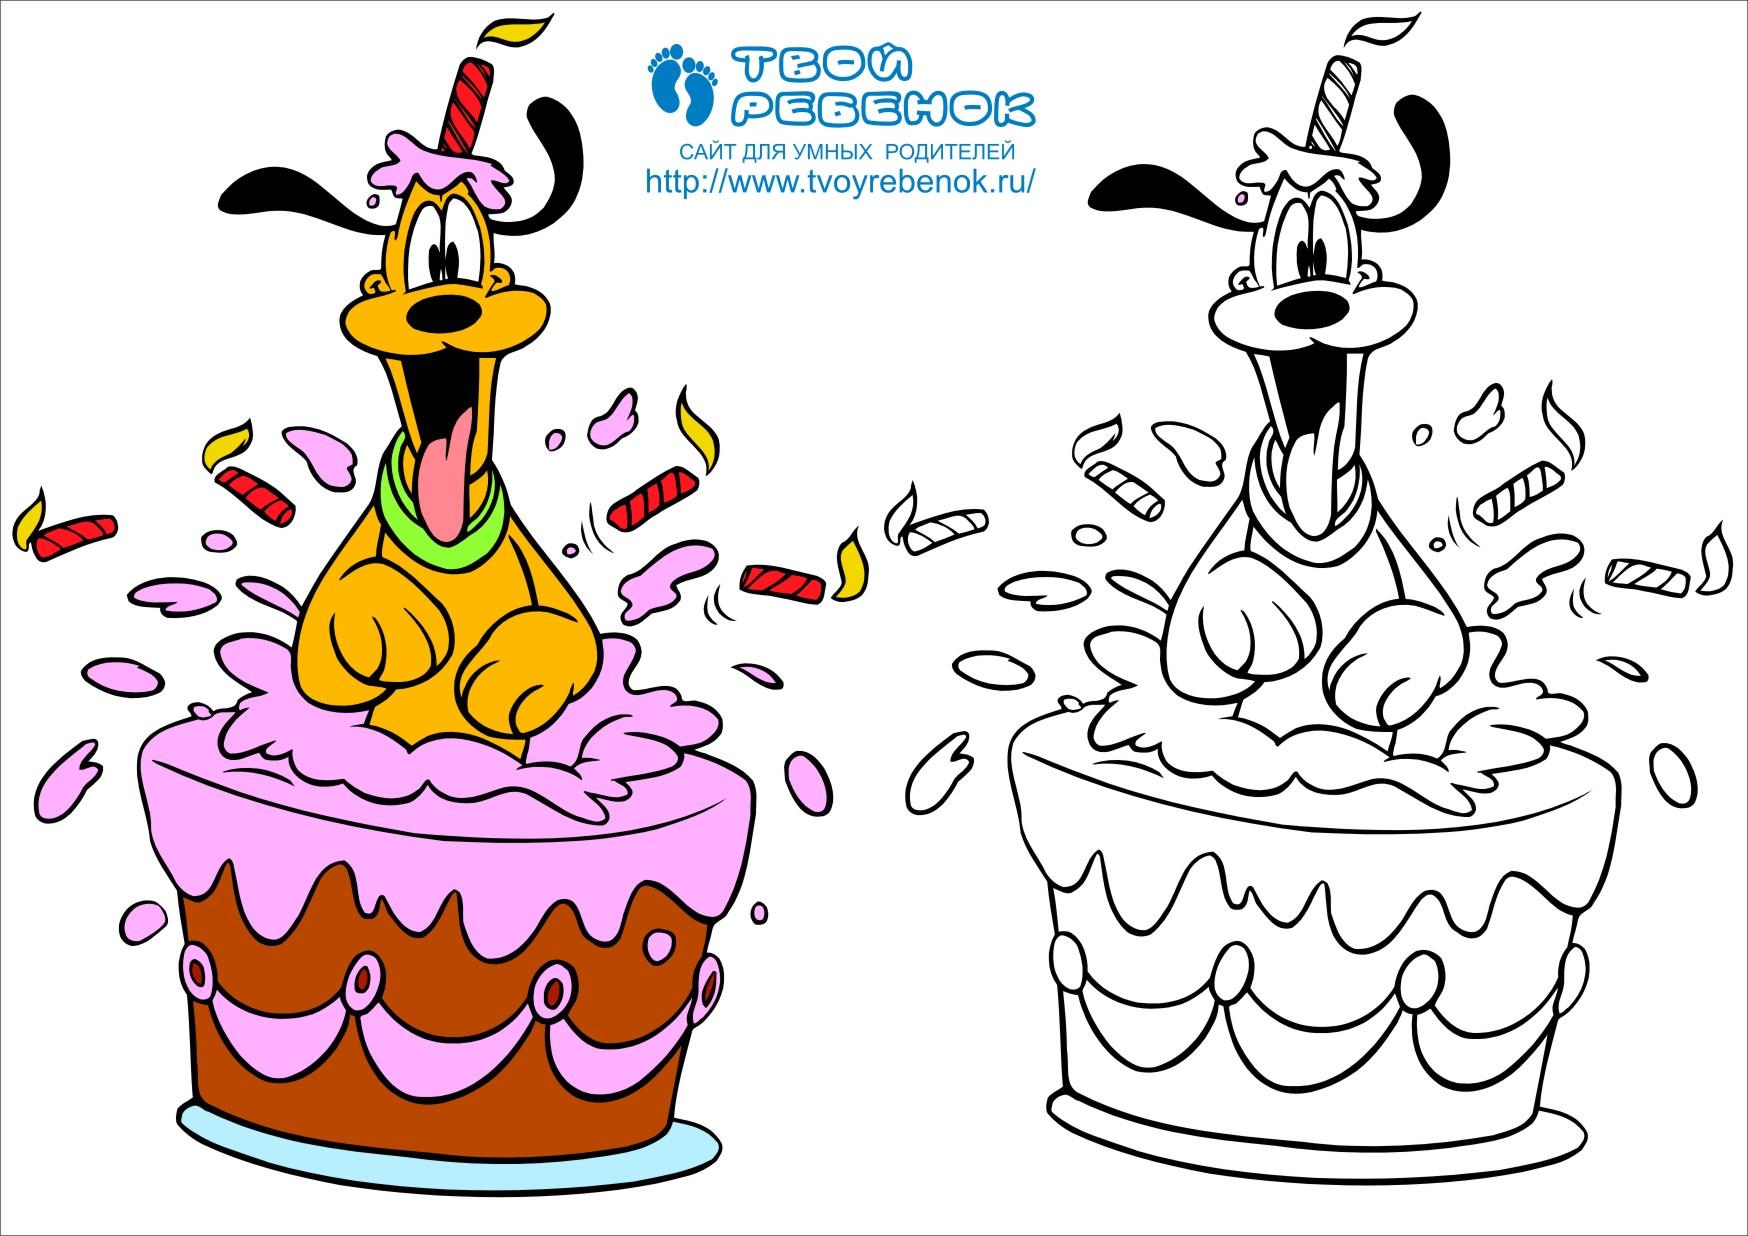 Раскраска Плуто | Раскраски для детей из мультфильмов ...